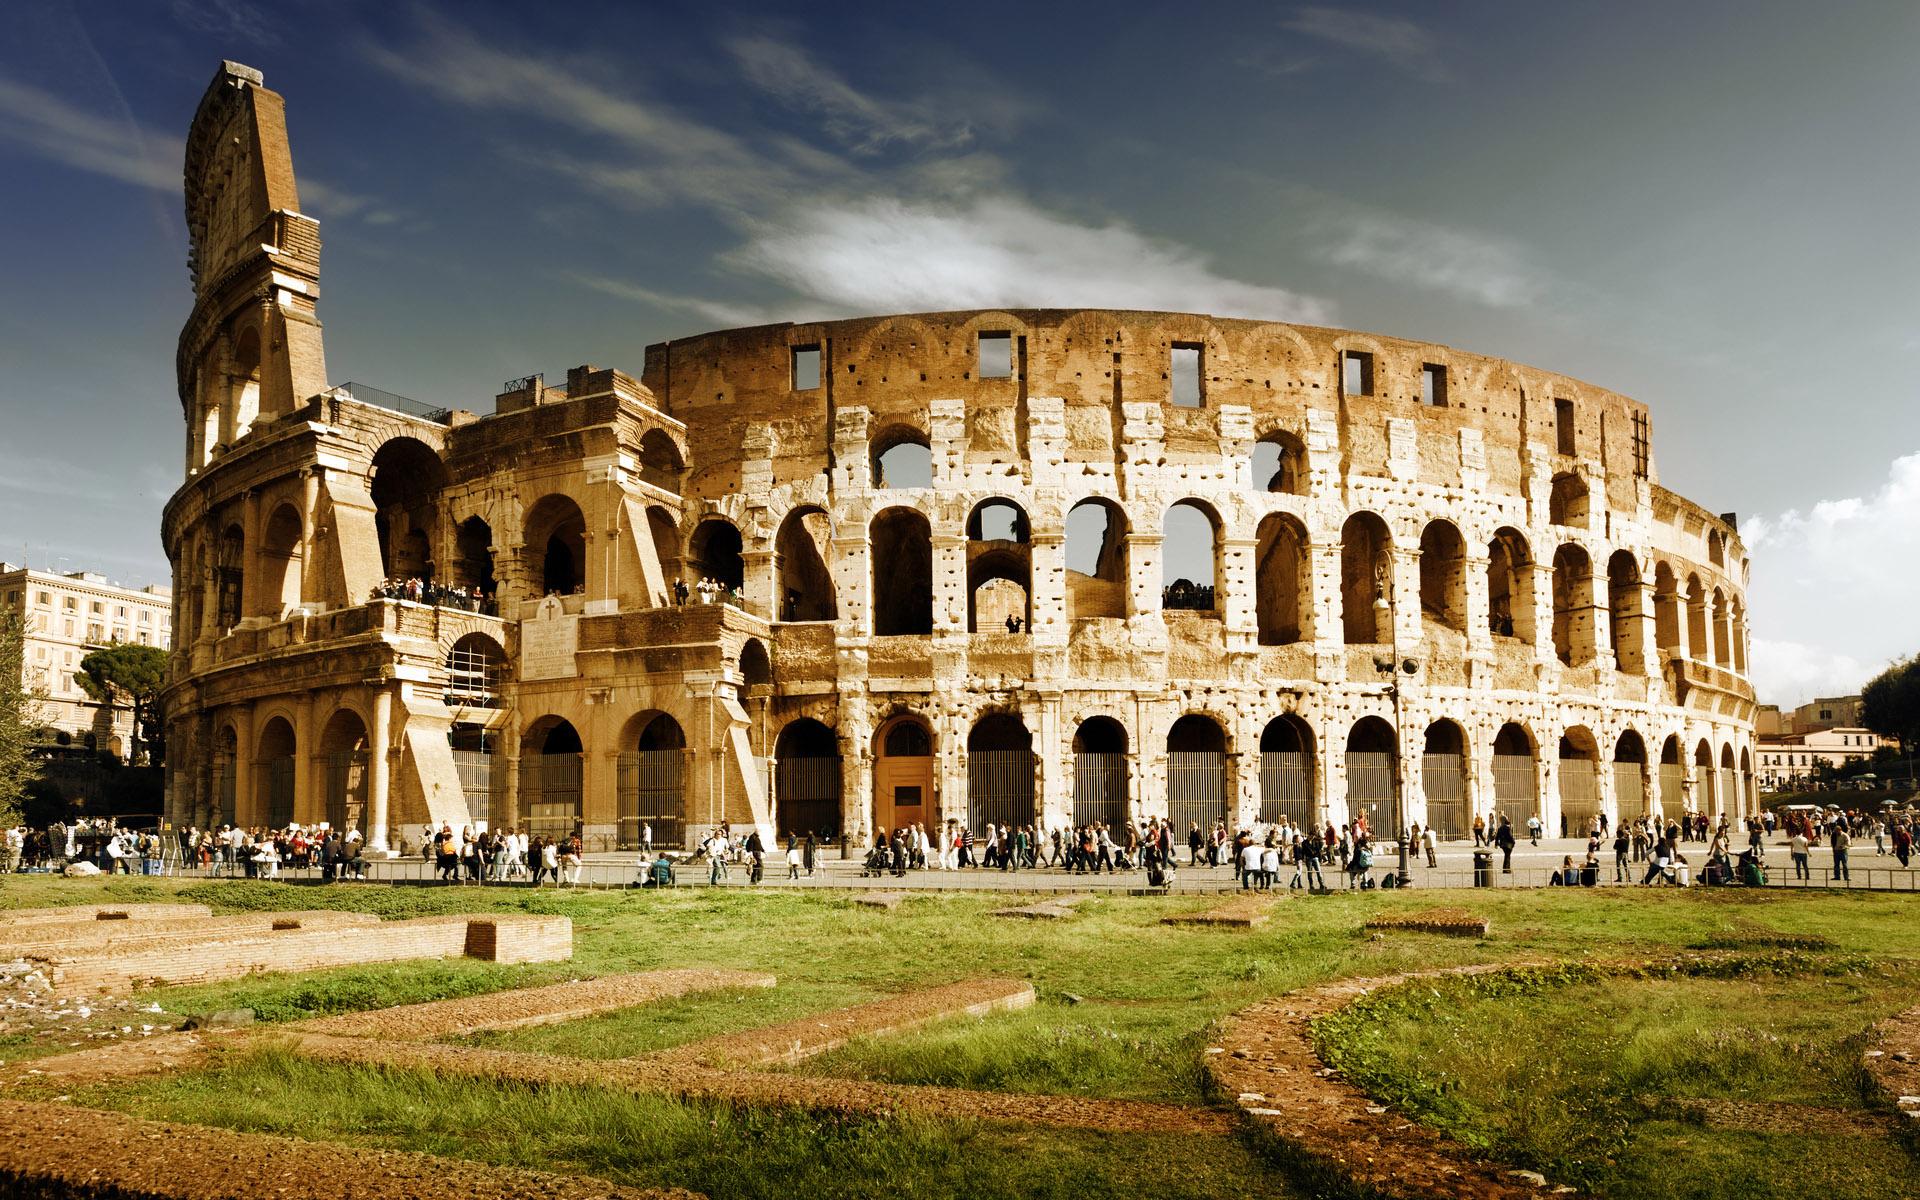 أشهر المعالم السياحية في العالم - الكولوسيوم